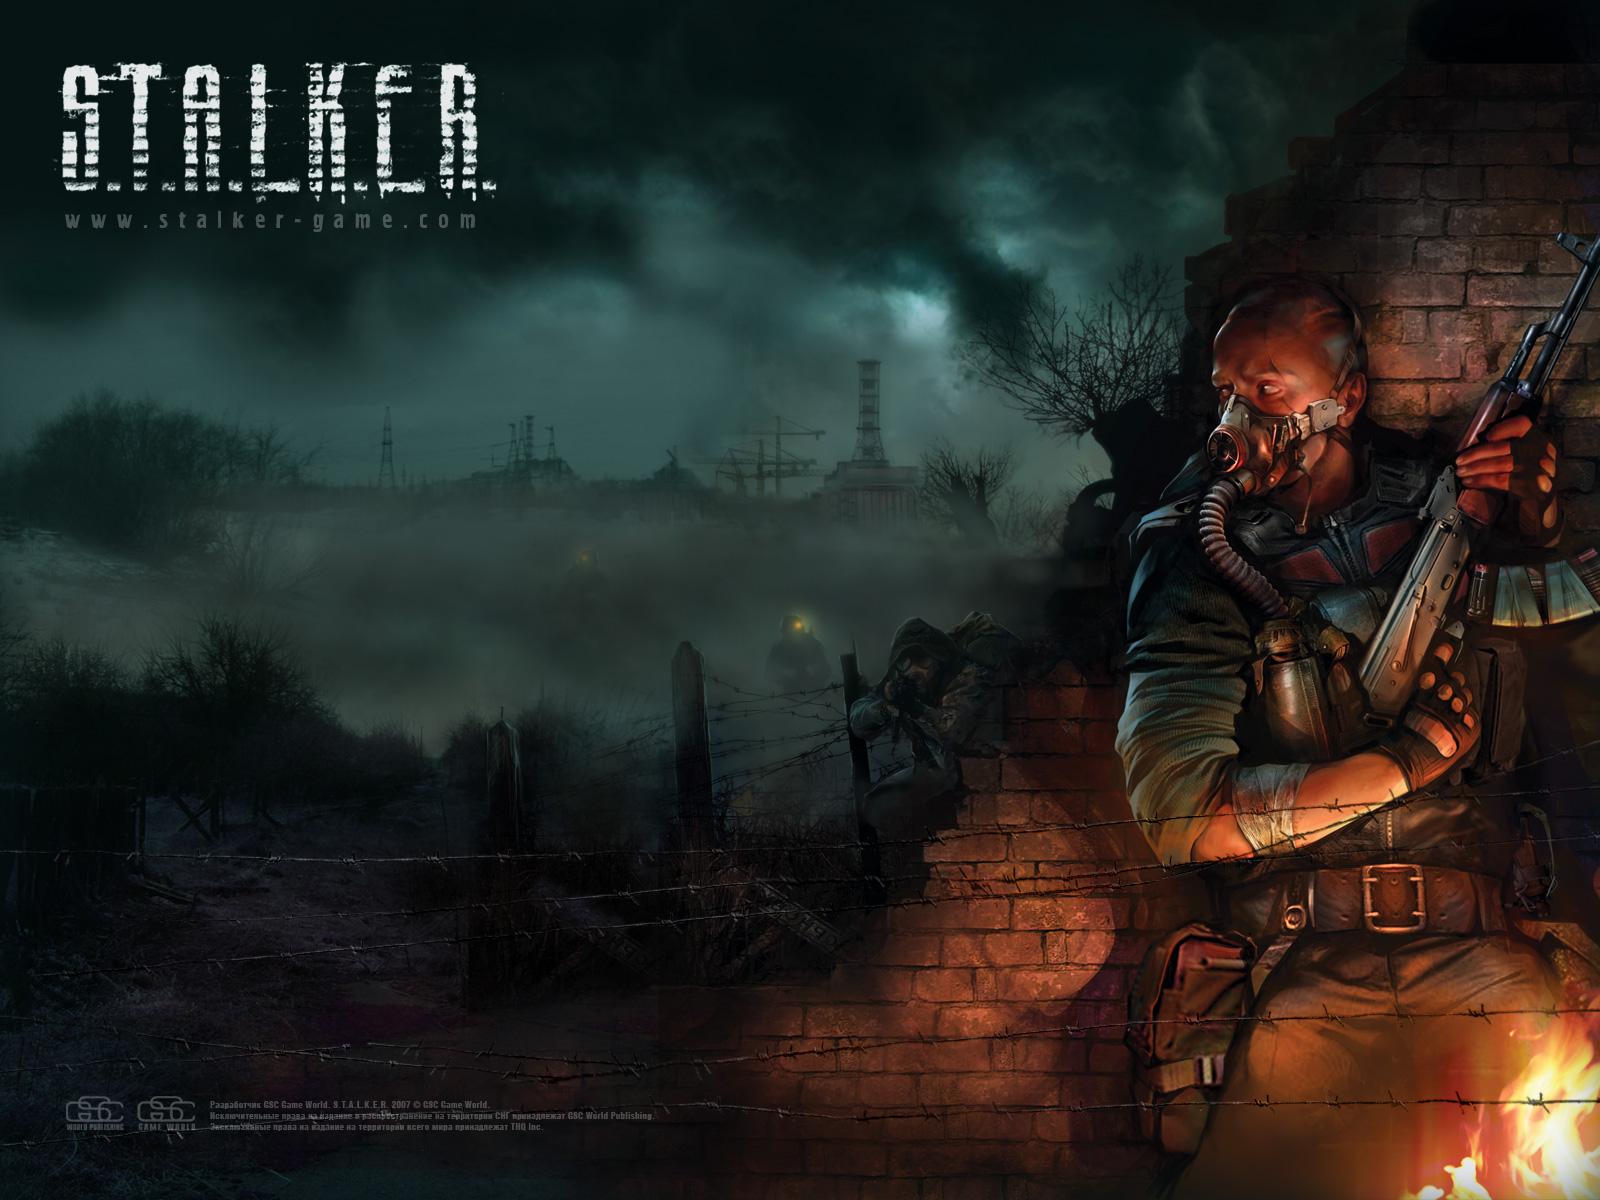 Previous, Games - S.T.A.L.K.E.R. wallpaper